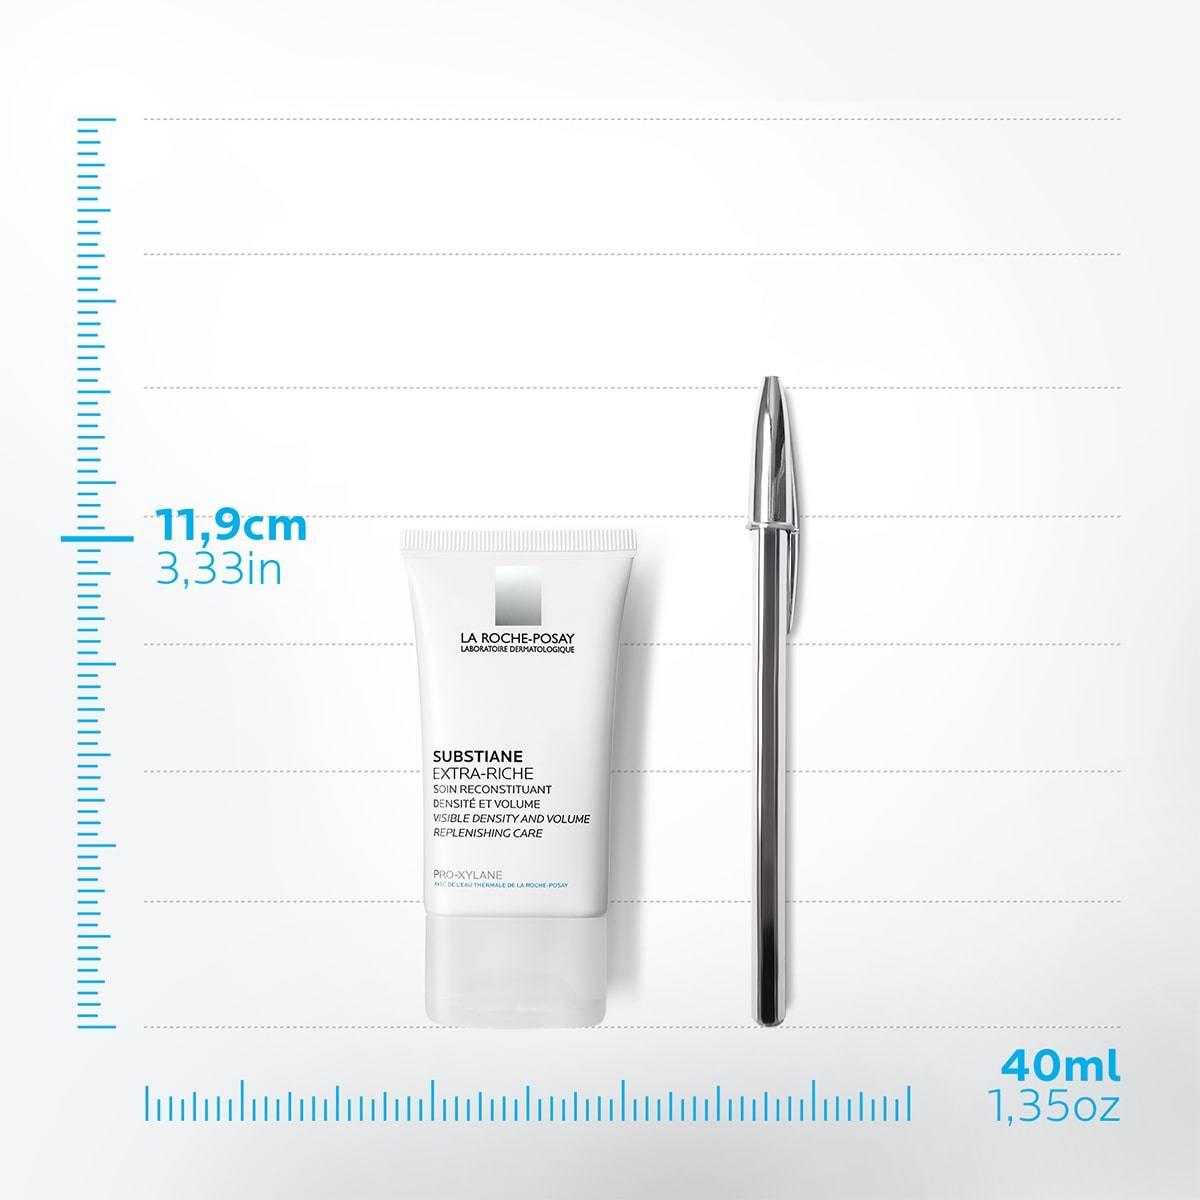 PrzeciwstarzeniowyKrem Substiane Extra Rich 40 ml | La Roche Posay